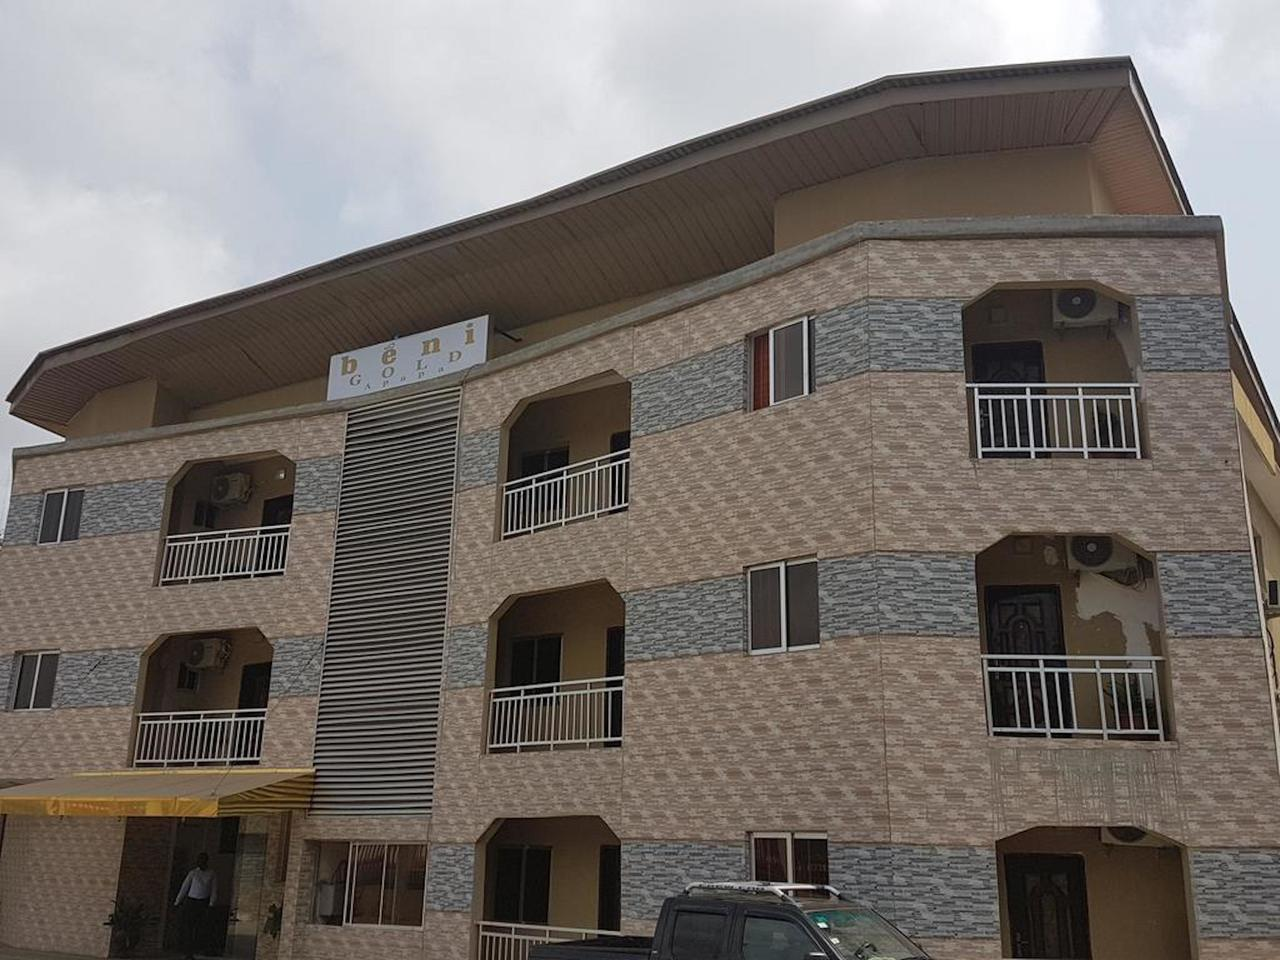 Beni Gold Hotels Apapa